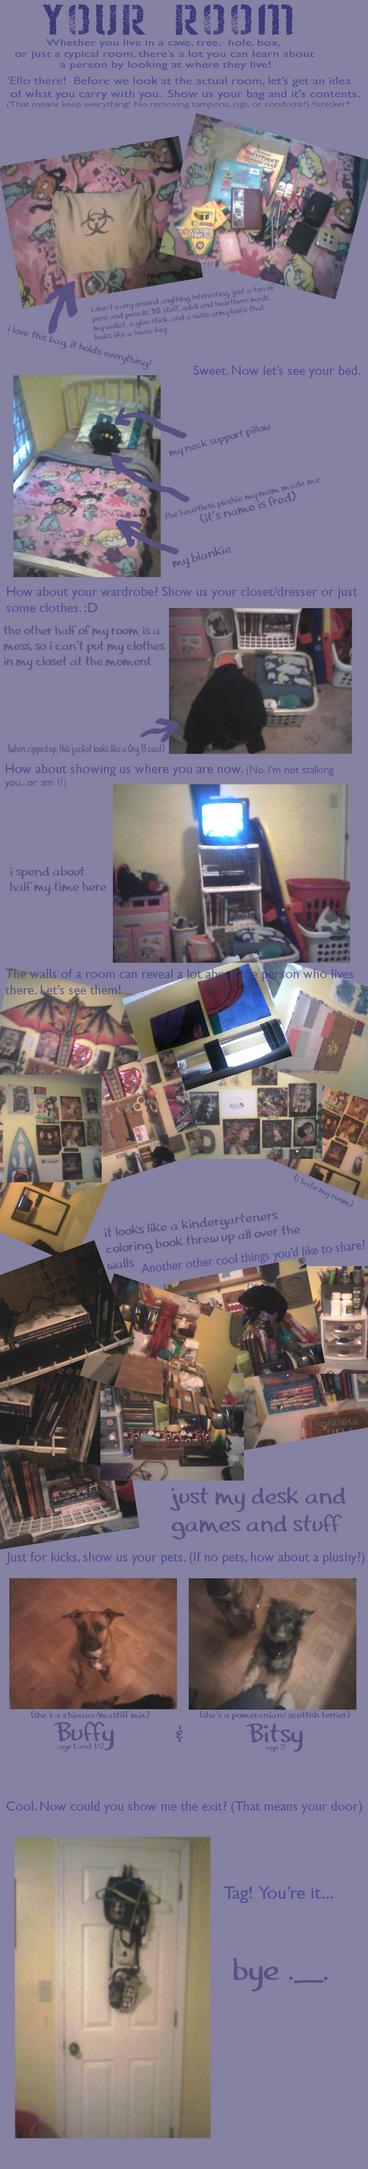 My Room Meme by xXDarkKeybladeXx